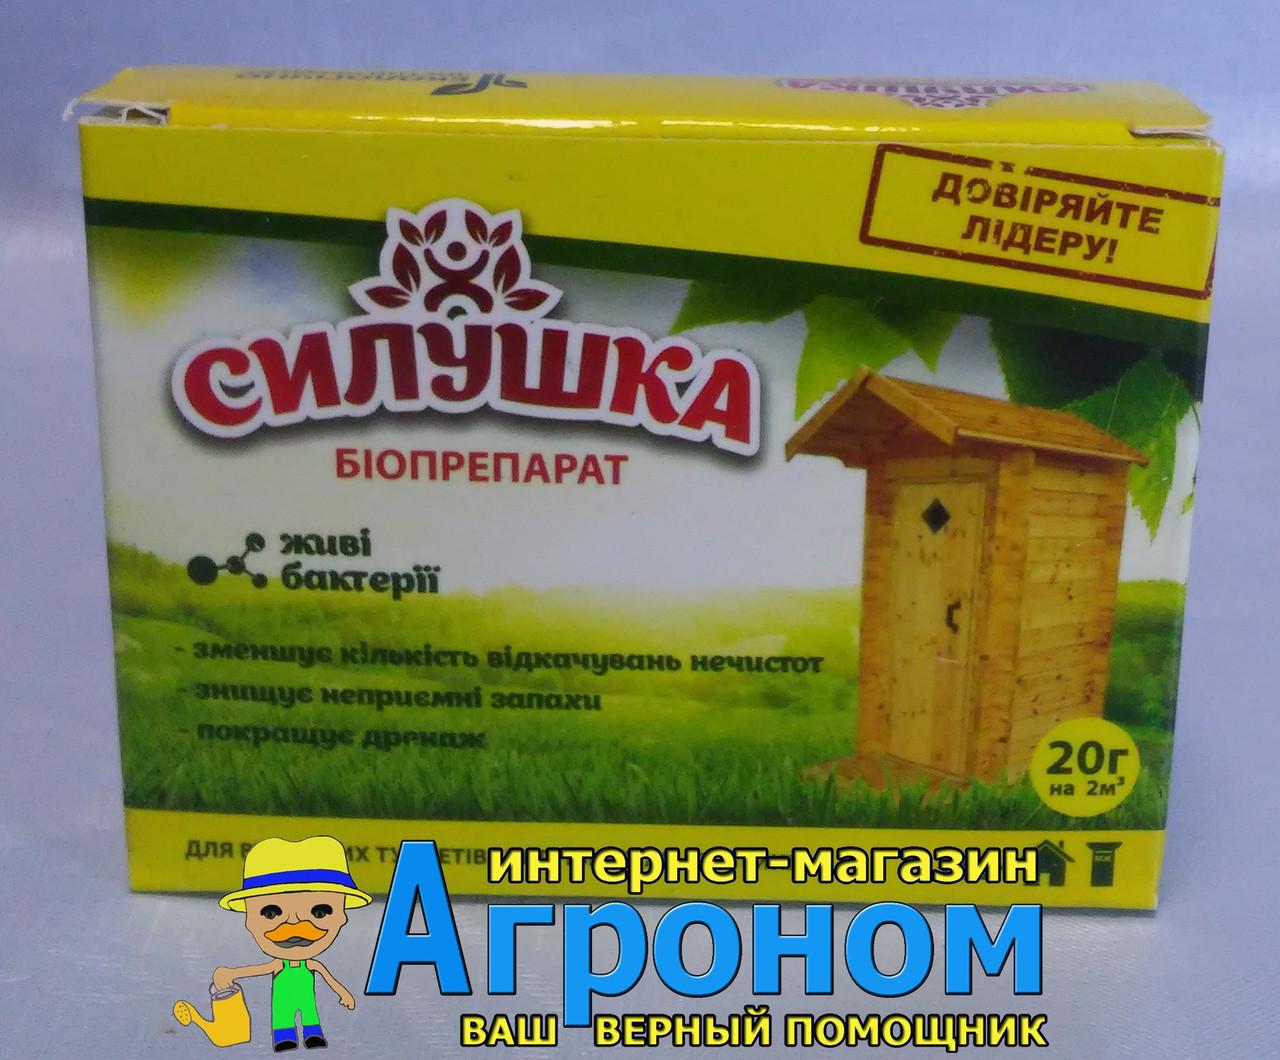 Биопрепарат деструкции СИЛУШКА, 20 гр, БиоТехАктив, Украина  - Агроном в Запорожье